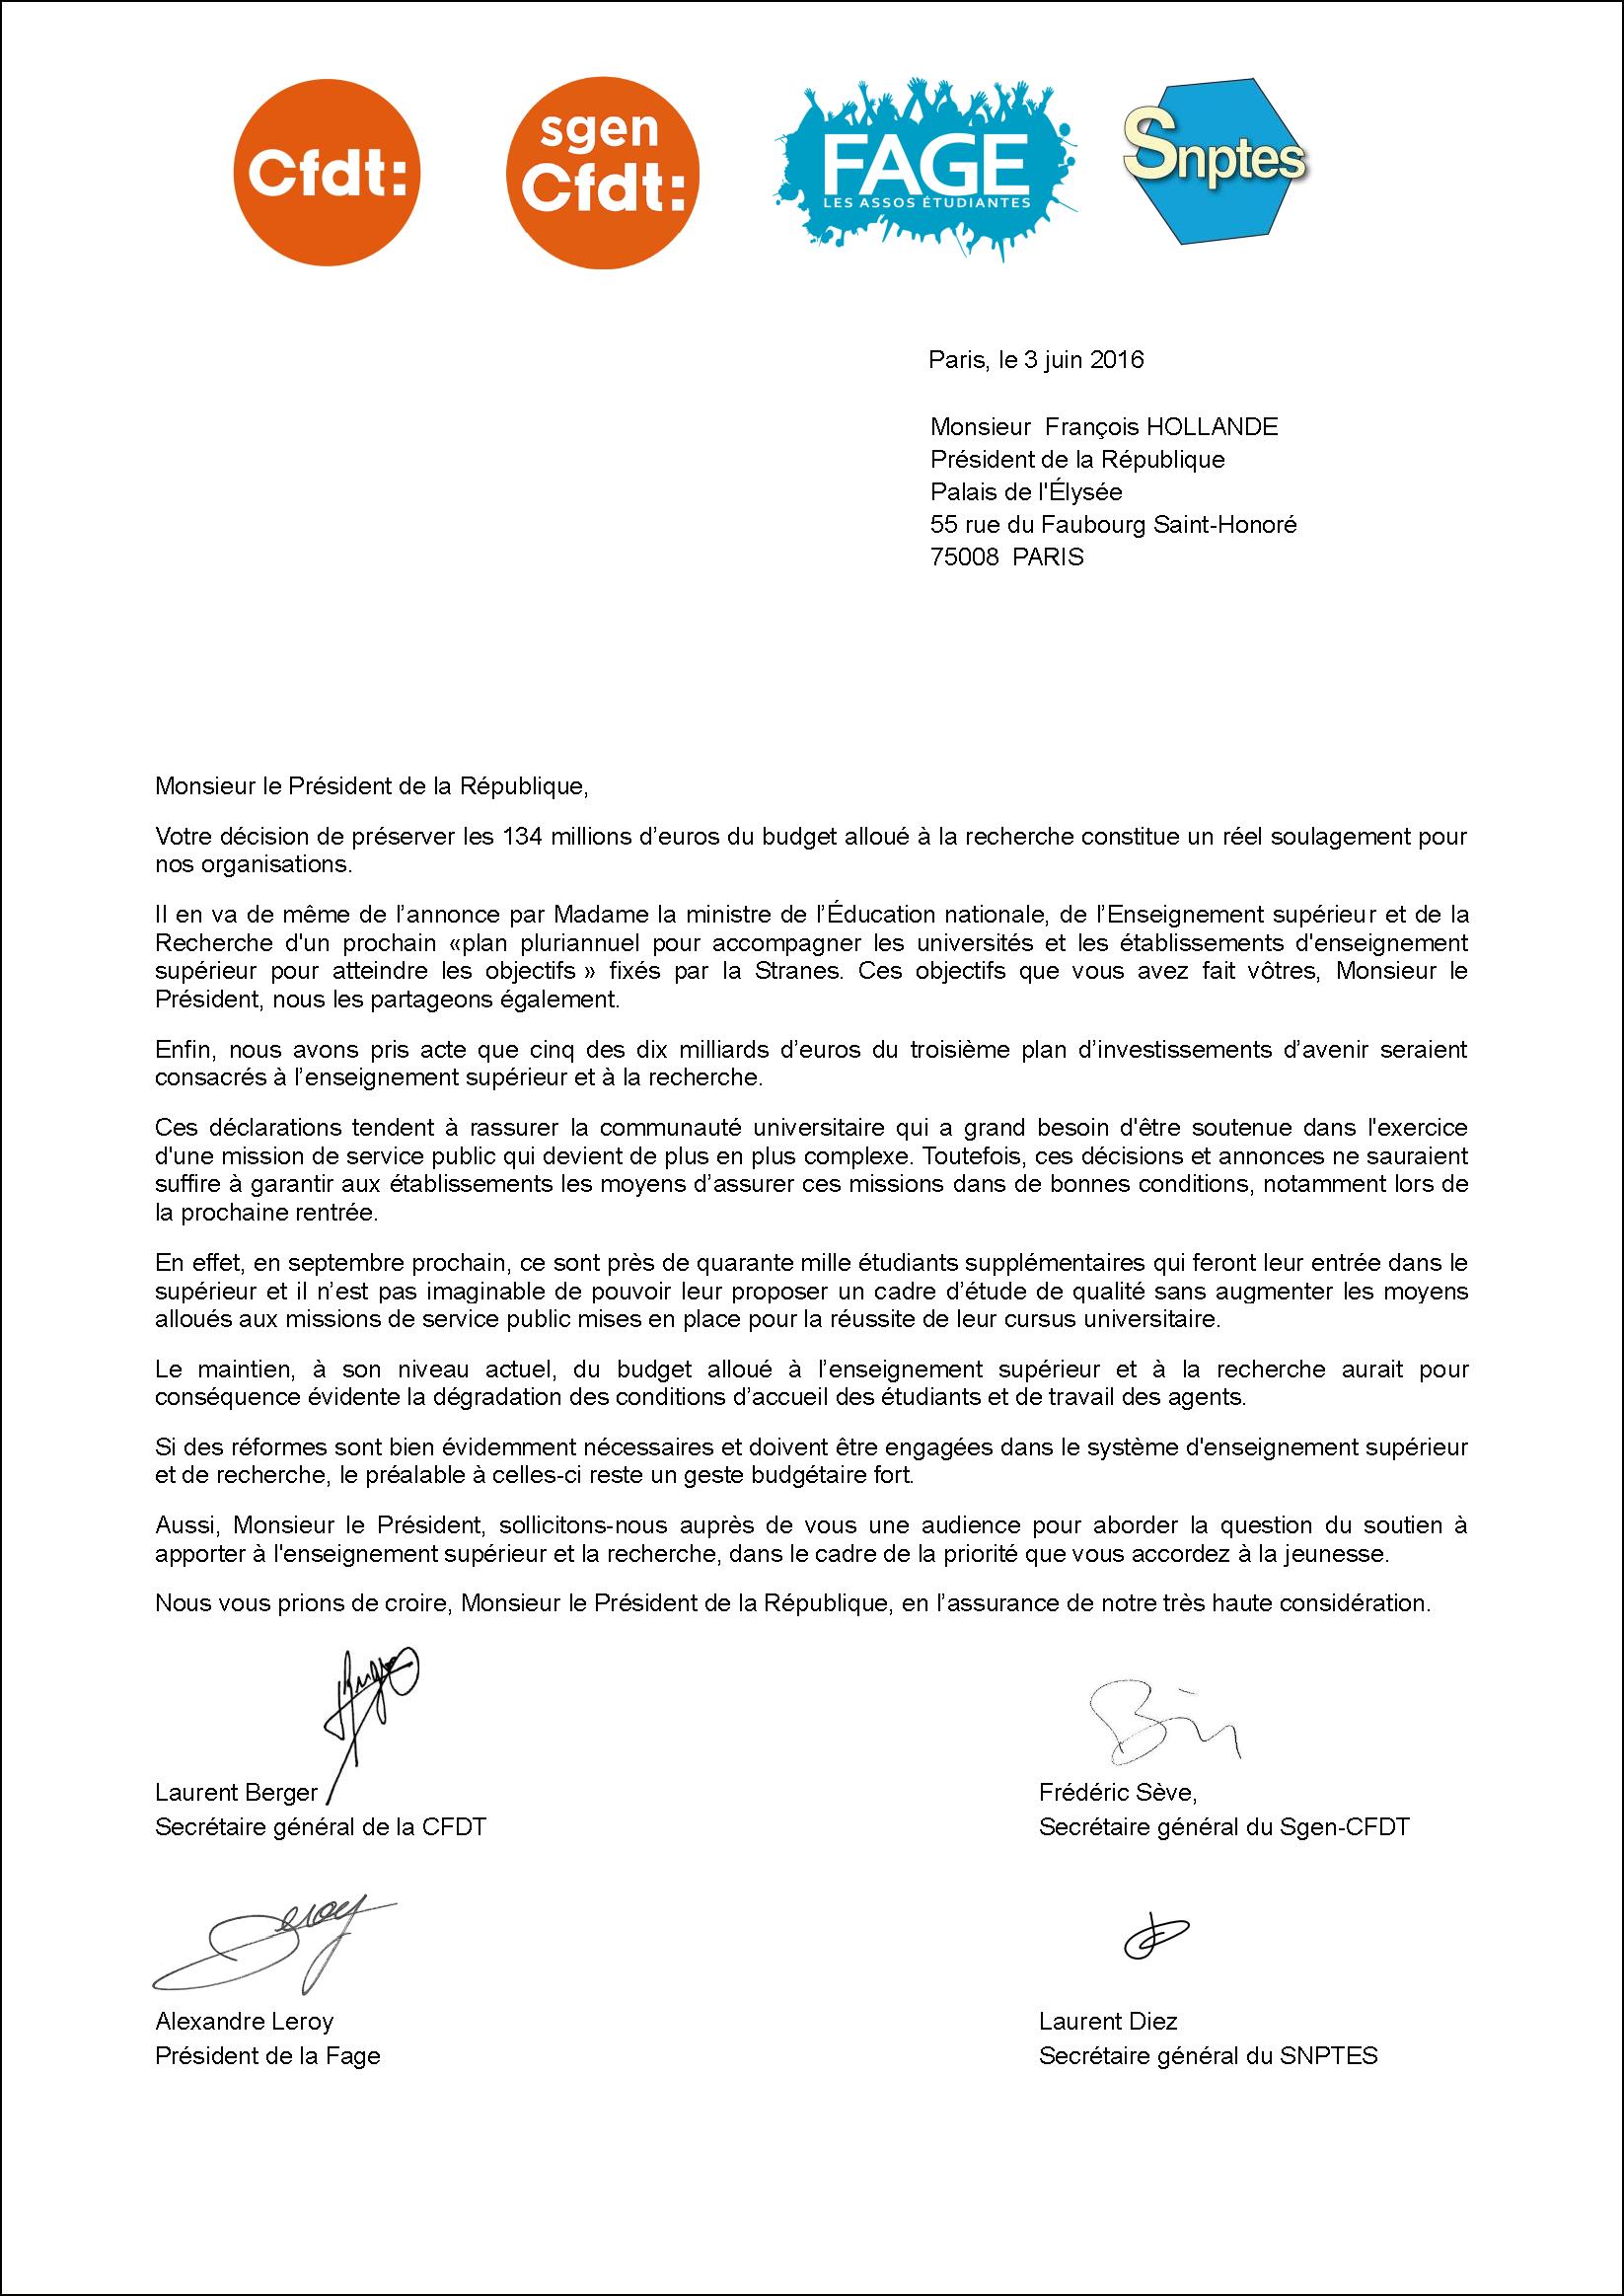 Budget Sup-Recherche courrier_au_president_de_la_republique_cfdt_sgen_fage_snptes_03_06_16